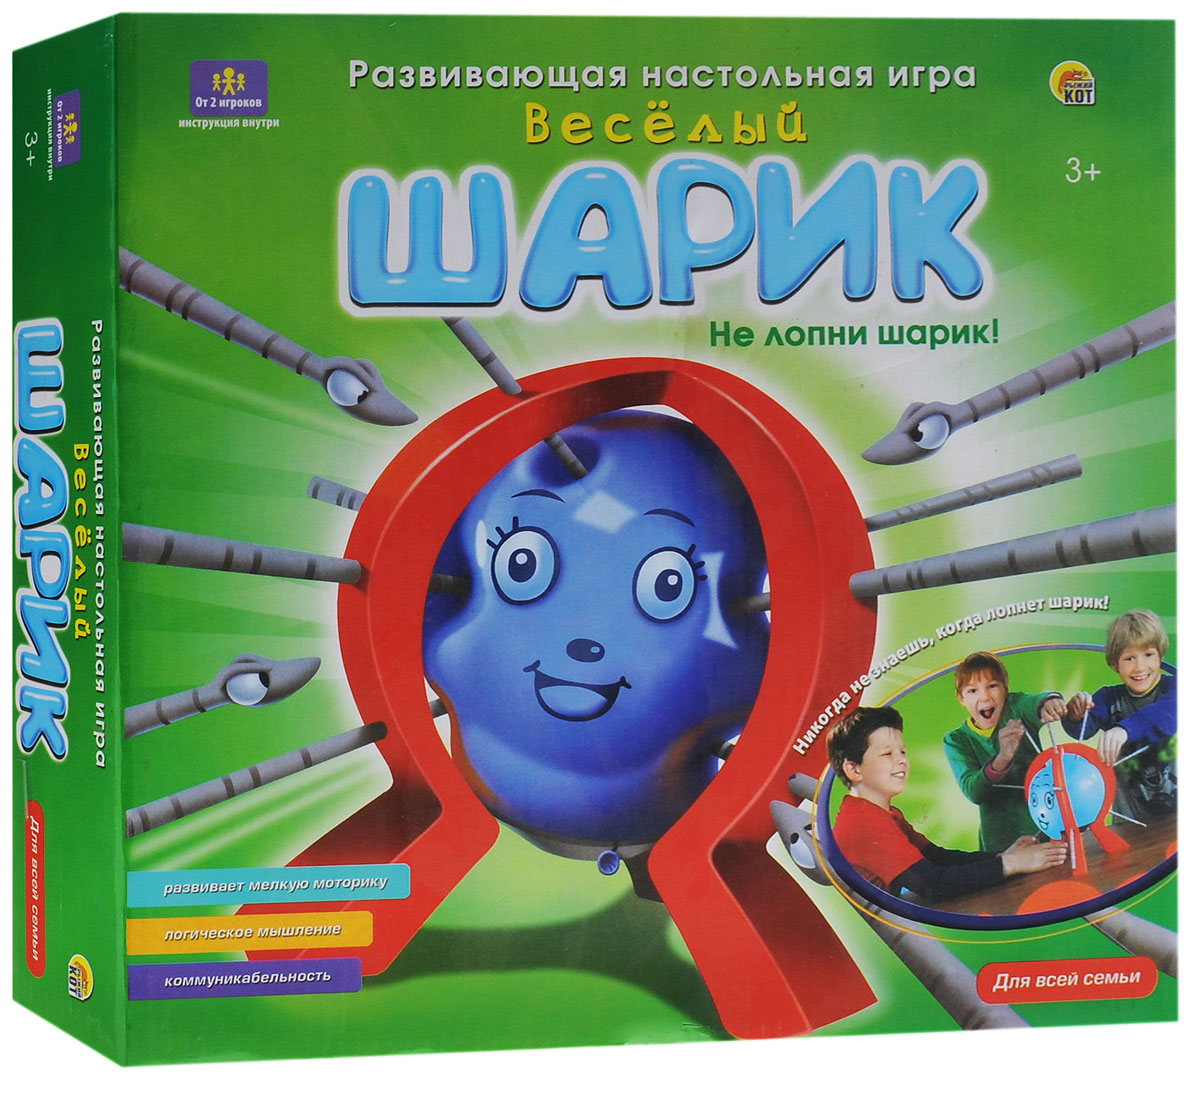 цена на Рыжий Кот Развивающая настольная игра Веселый шарик